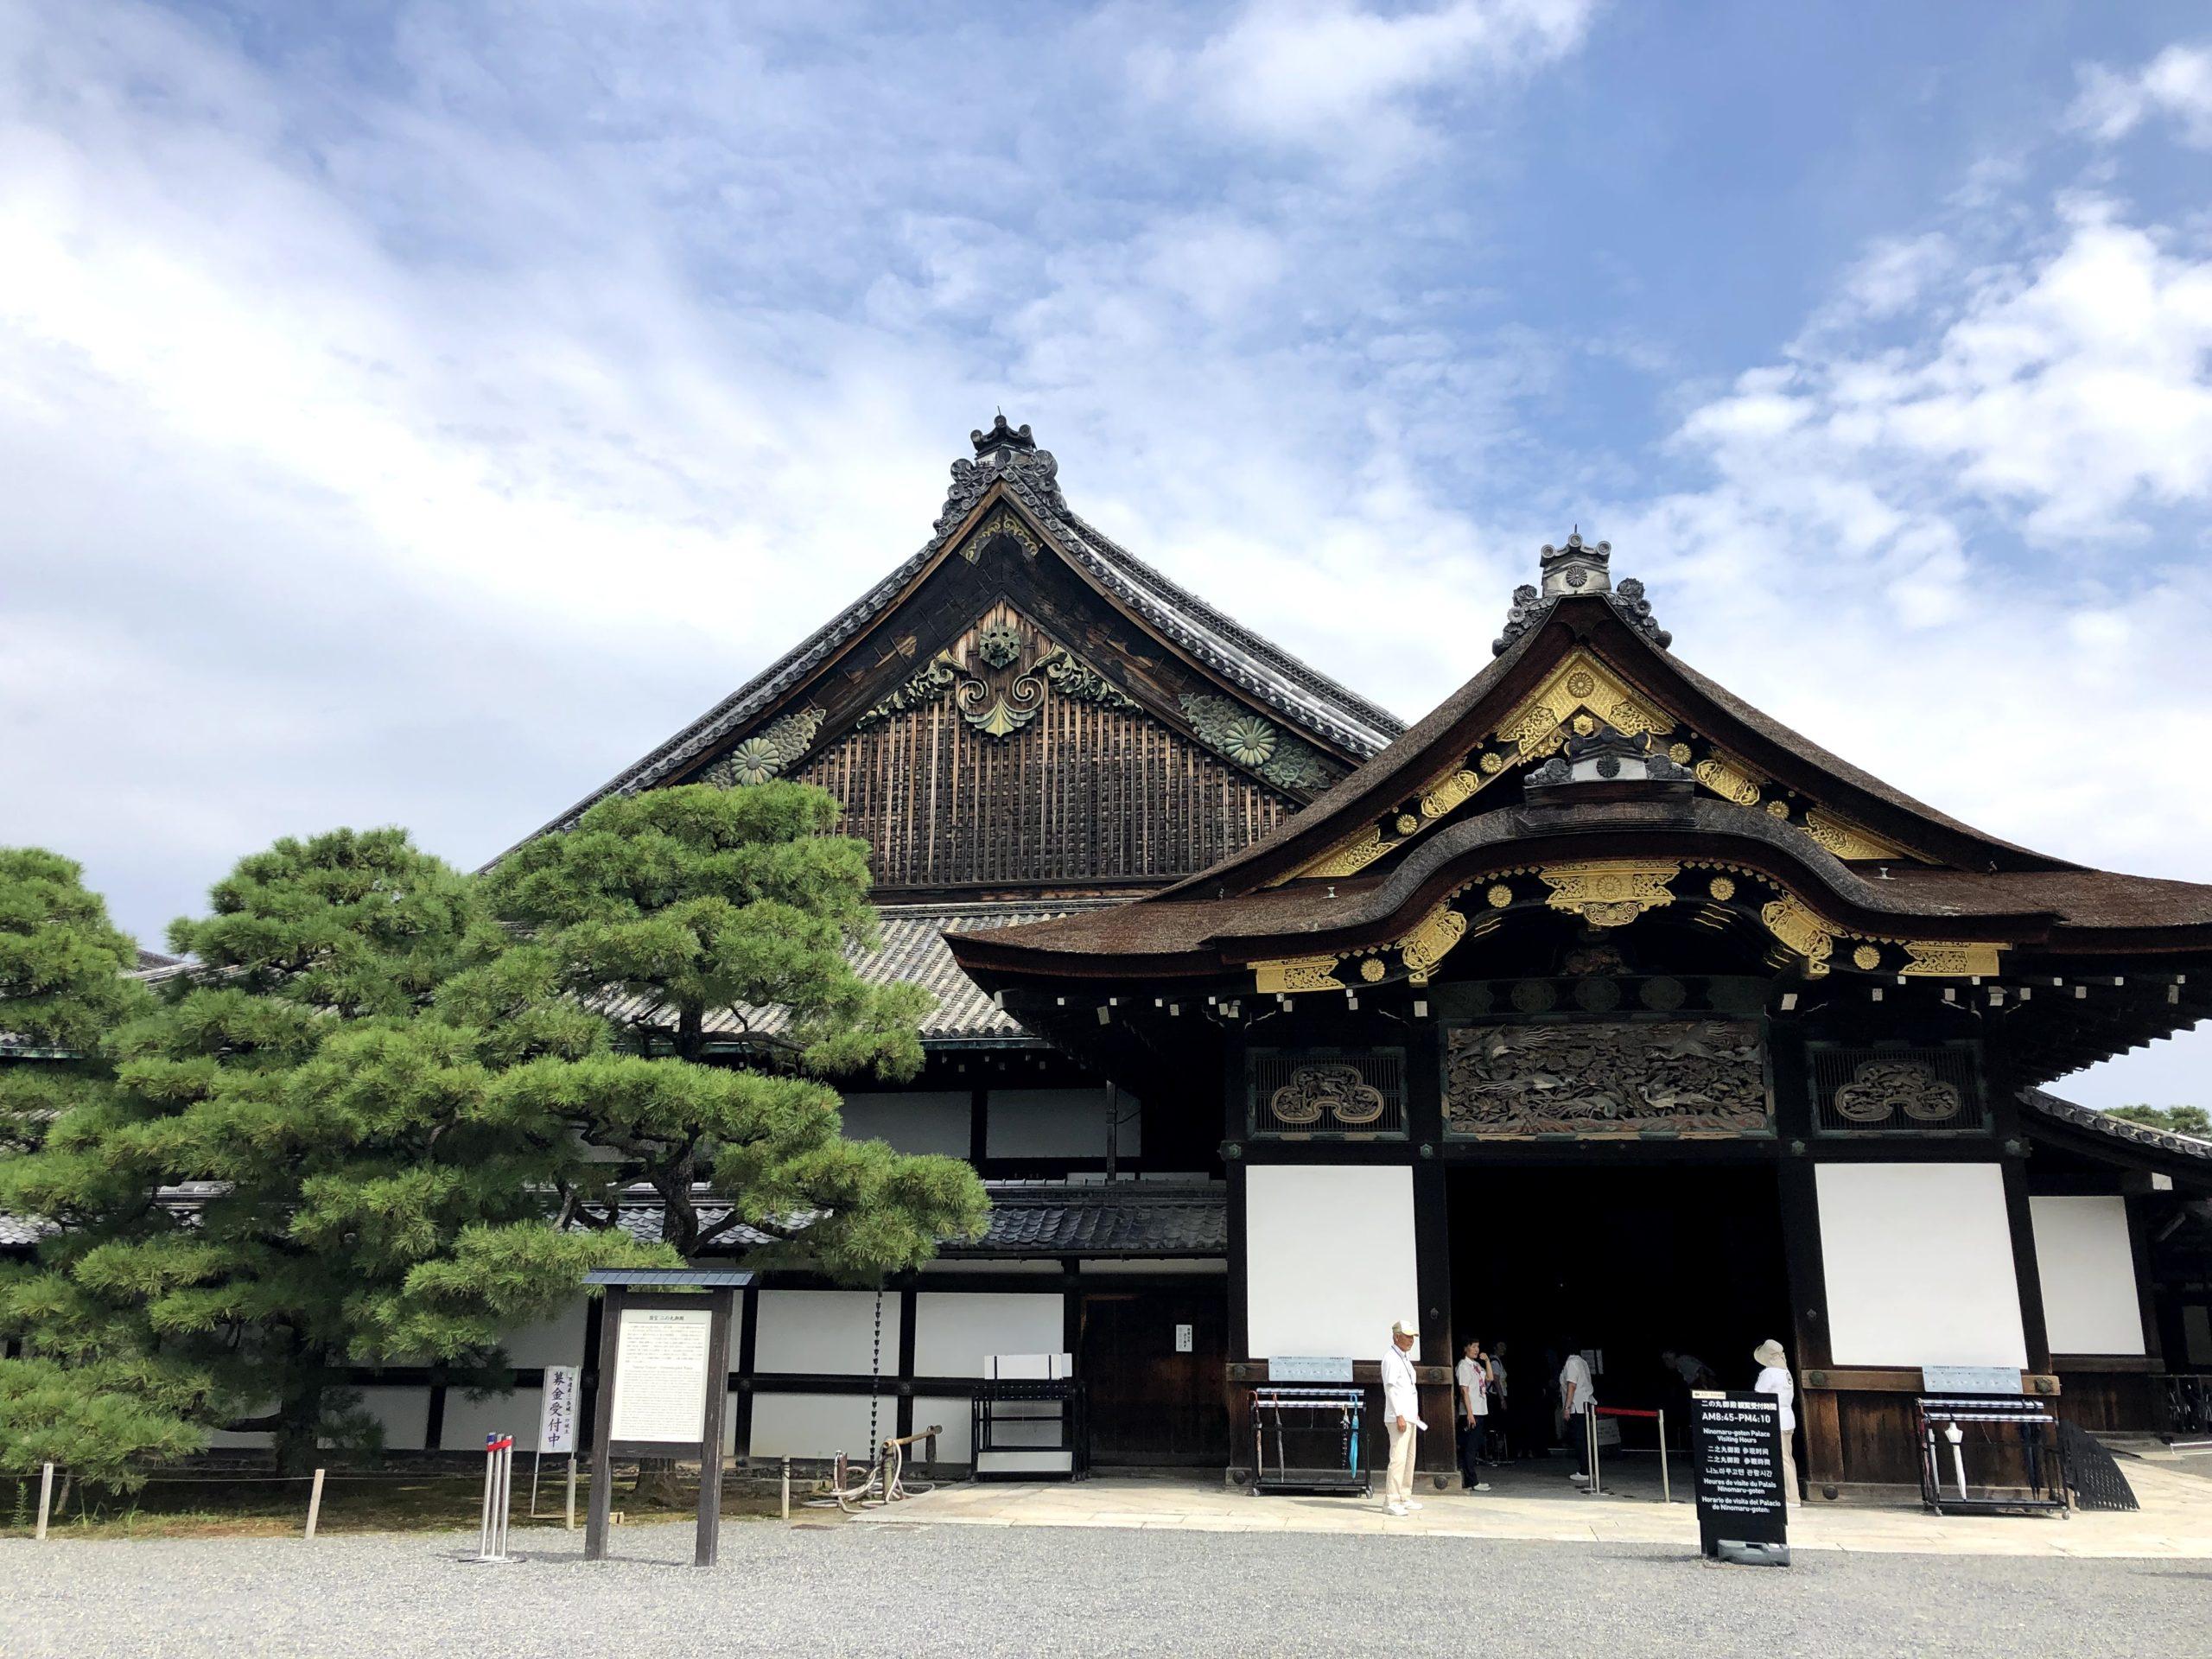 いざ城ぶら「二条城」!徳川の栄枯盛衰を見つめた世界遺産の名城